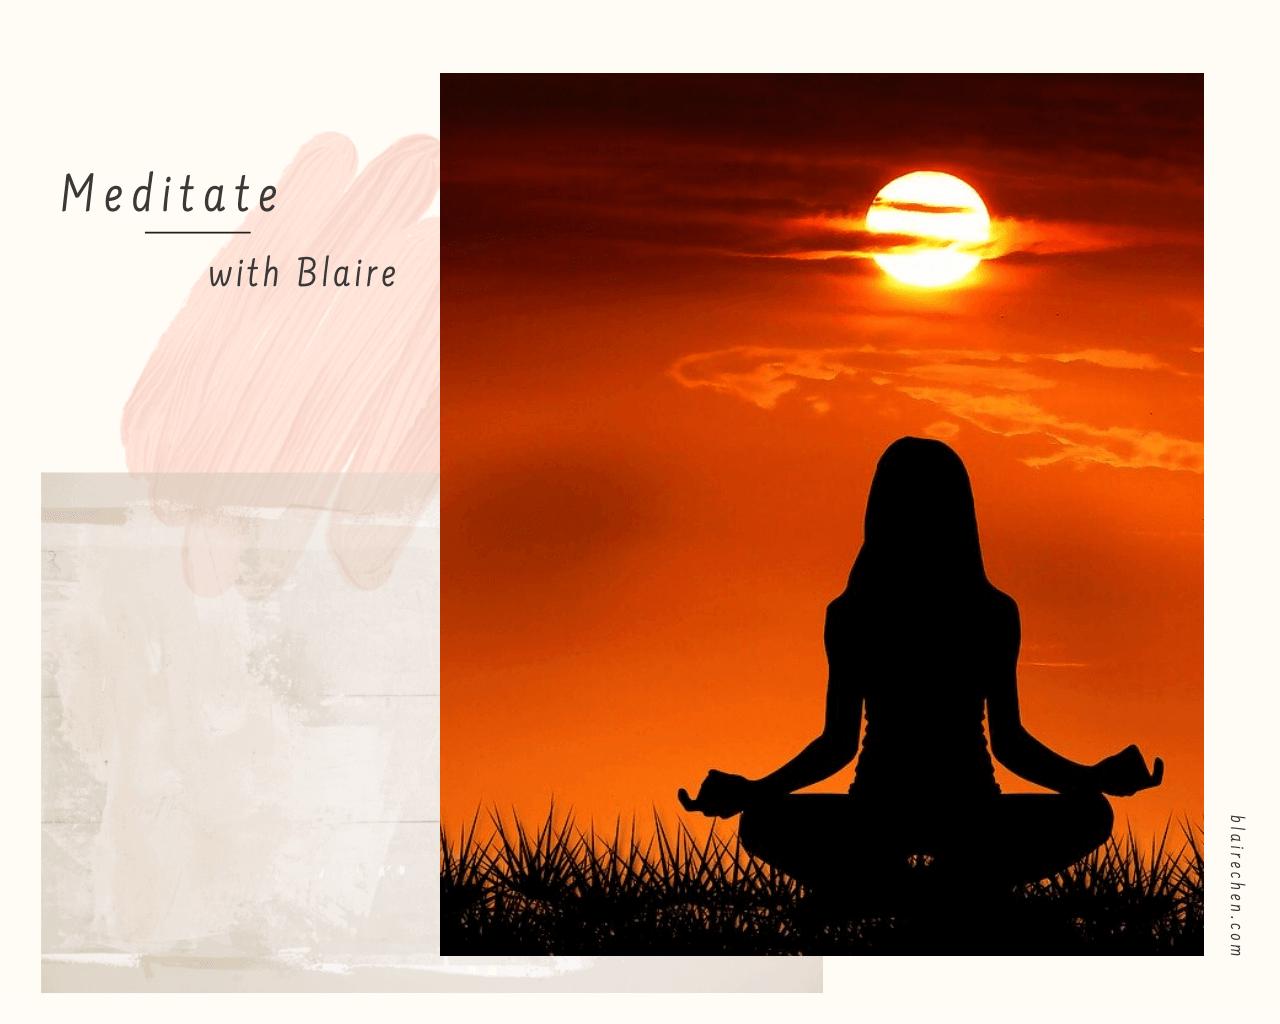 你對冥想充滿好奇嗎?冥想基礎知識懶人包,除了減壓、還能增強記憶力!